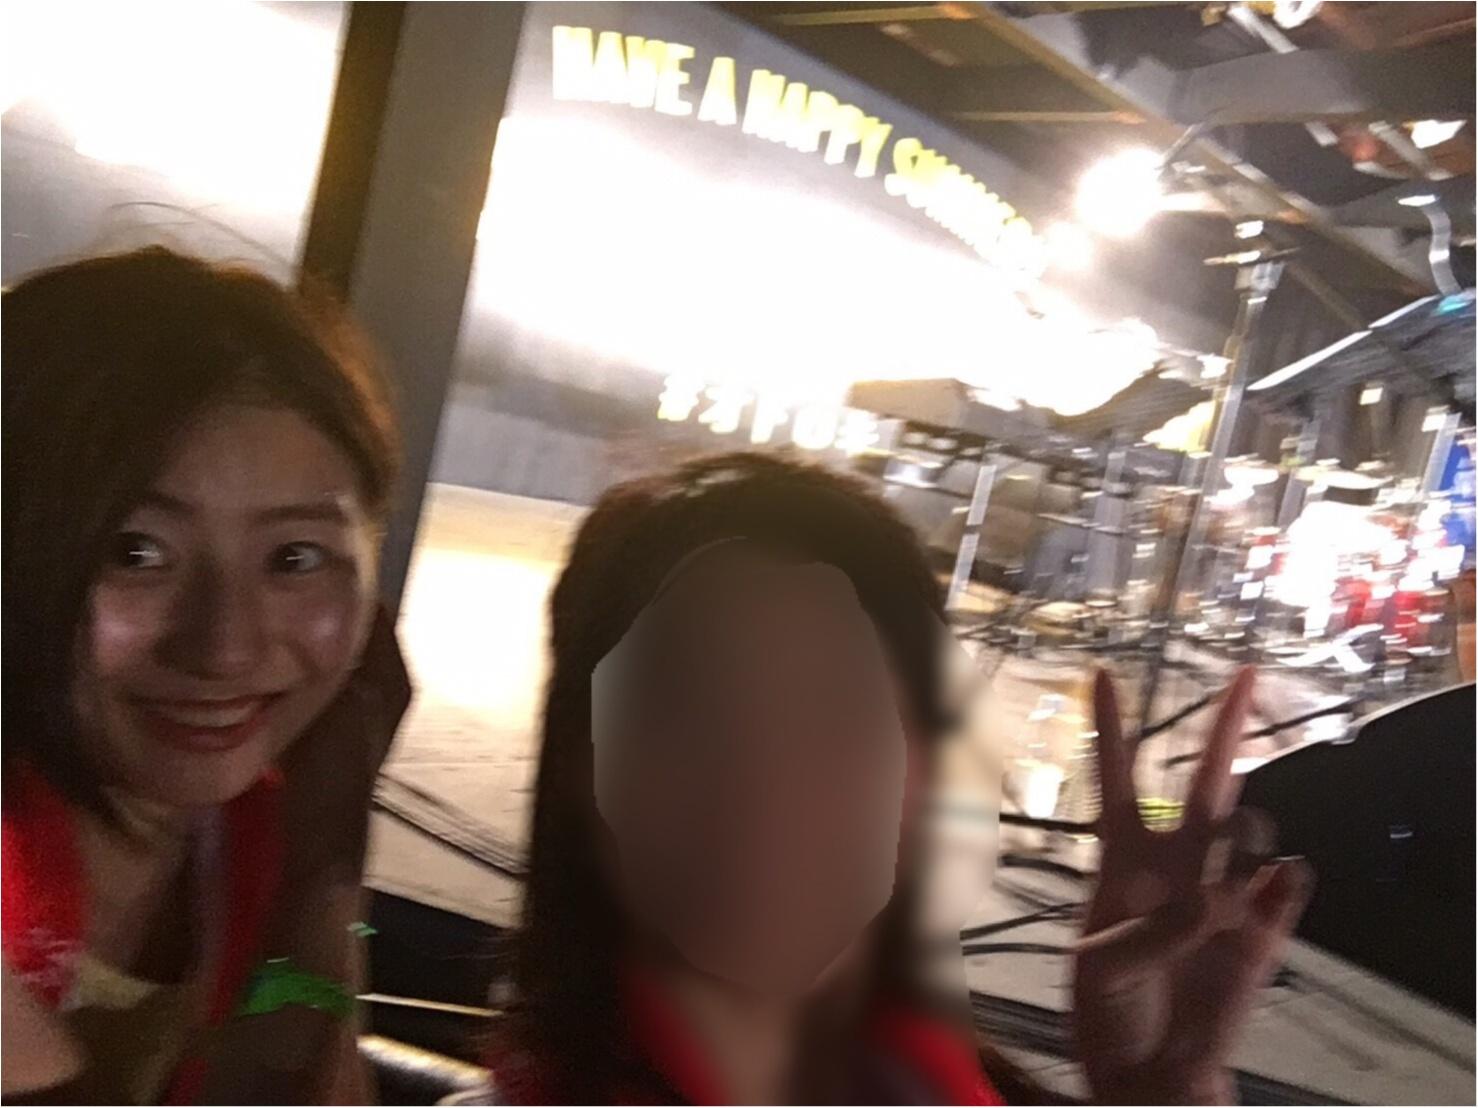 【三浦海岸編】LIVE!パネル!双子コーデ!夏にぴったり フォトジェニックなスポット!_1